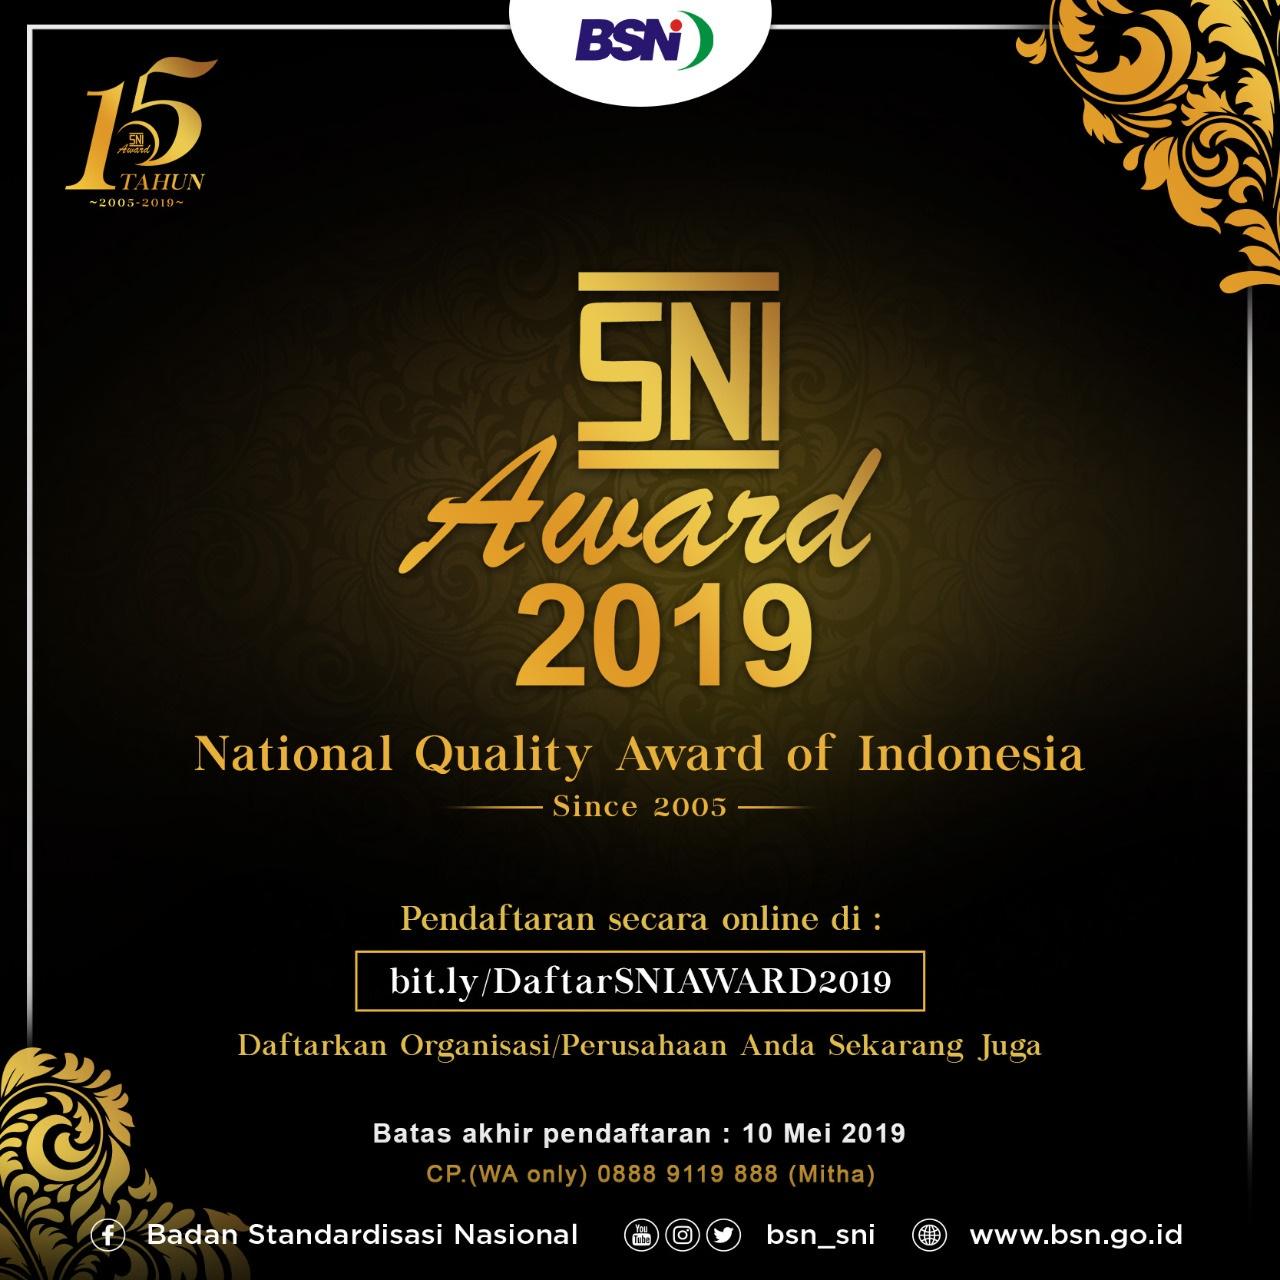 SNI AWARD 2019